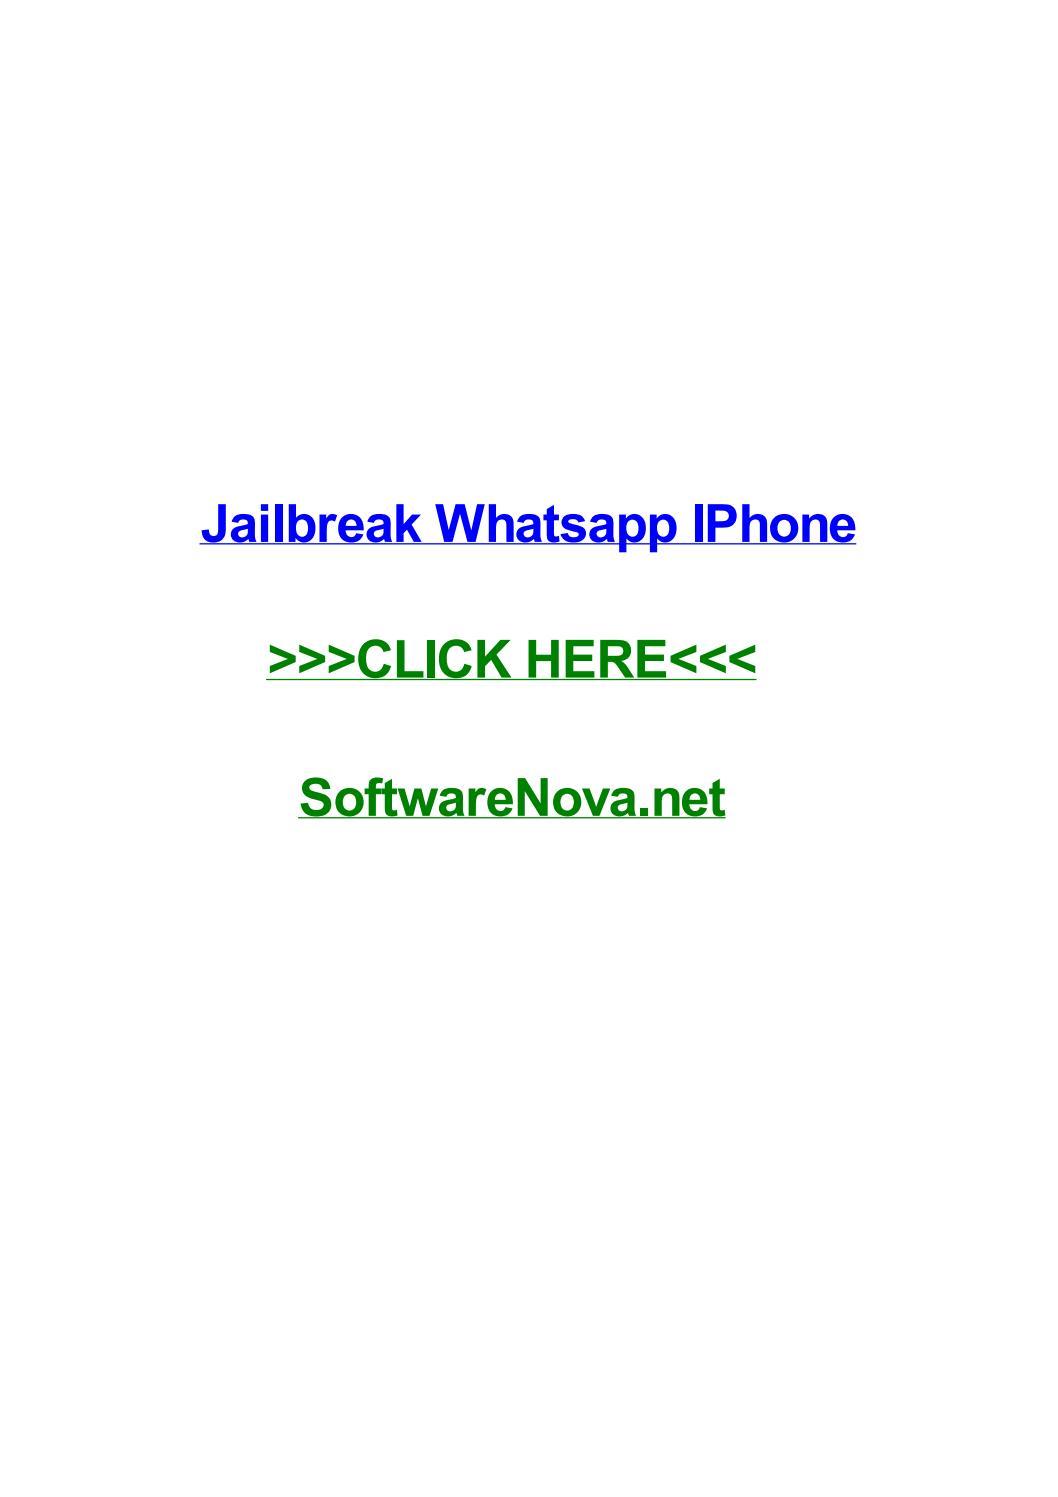 Jailbreak Whatsapp Iphone By Toddxuxf Issuu